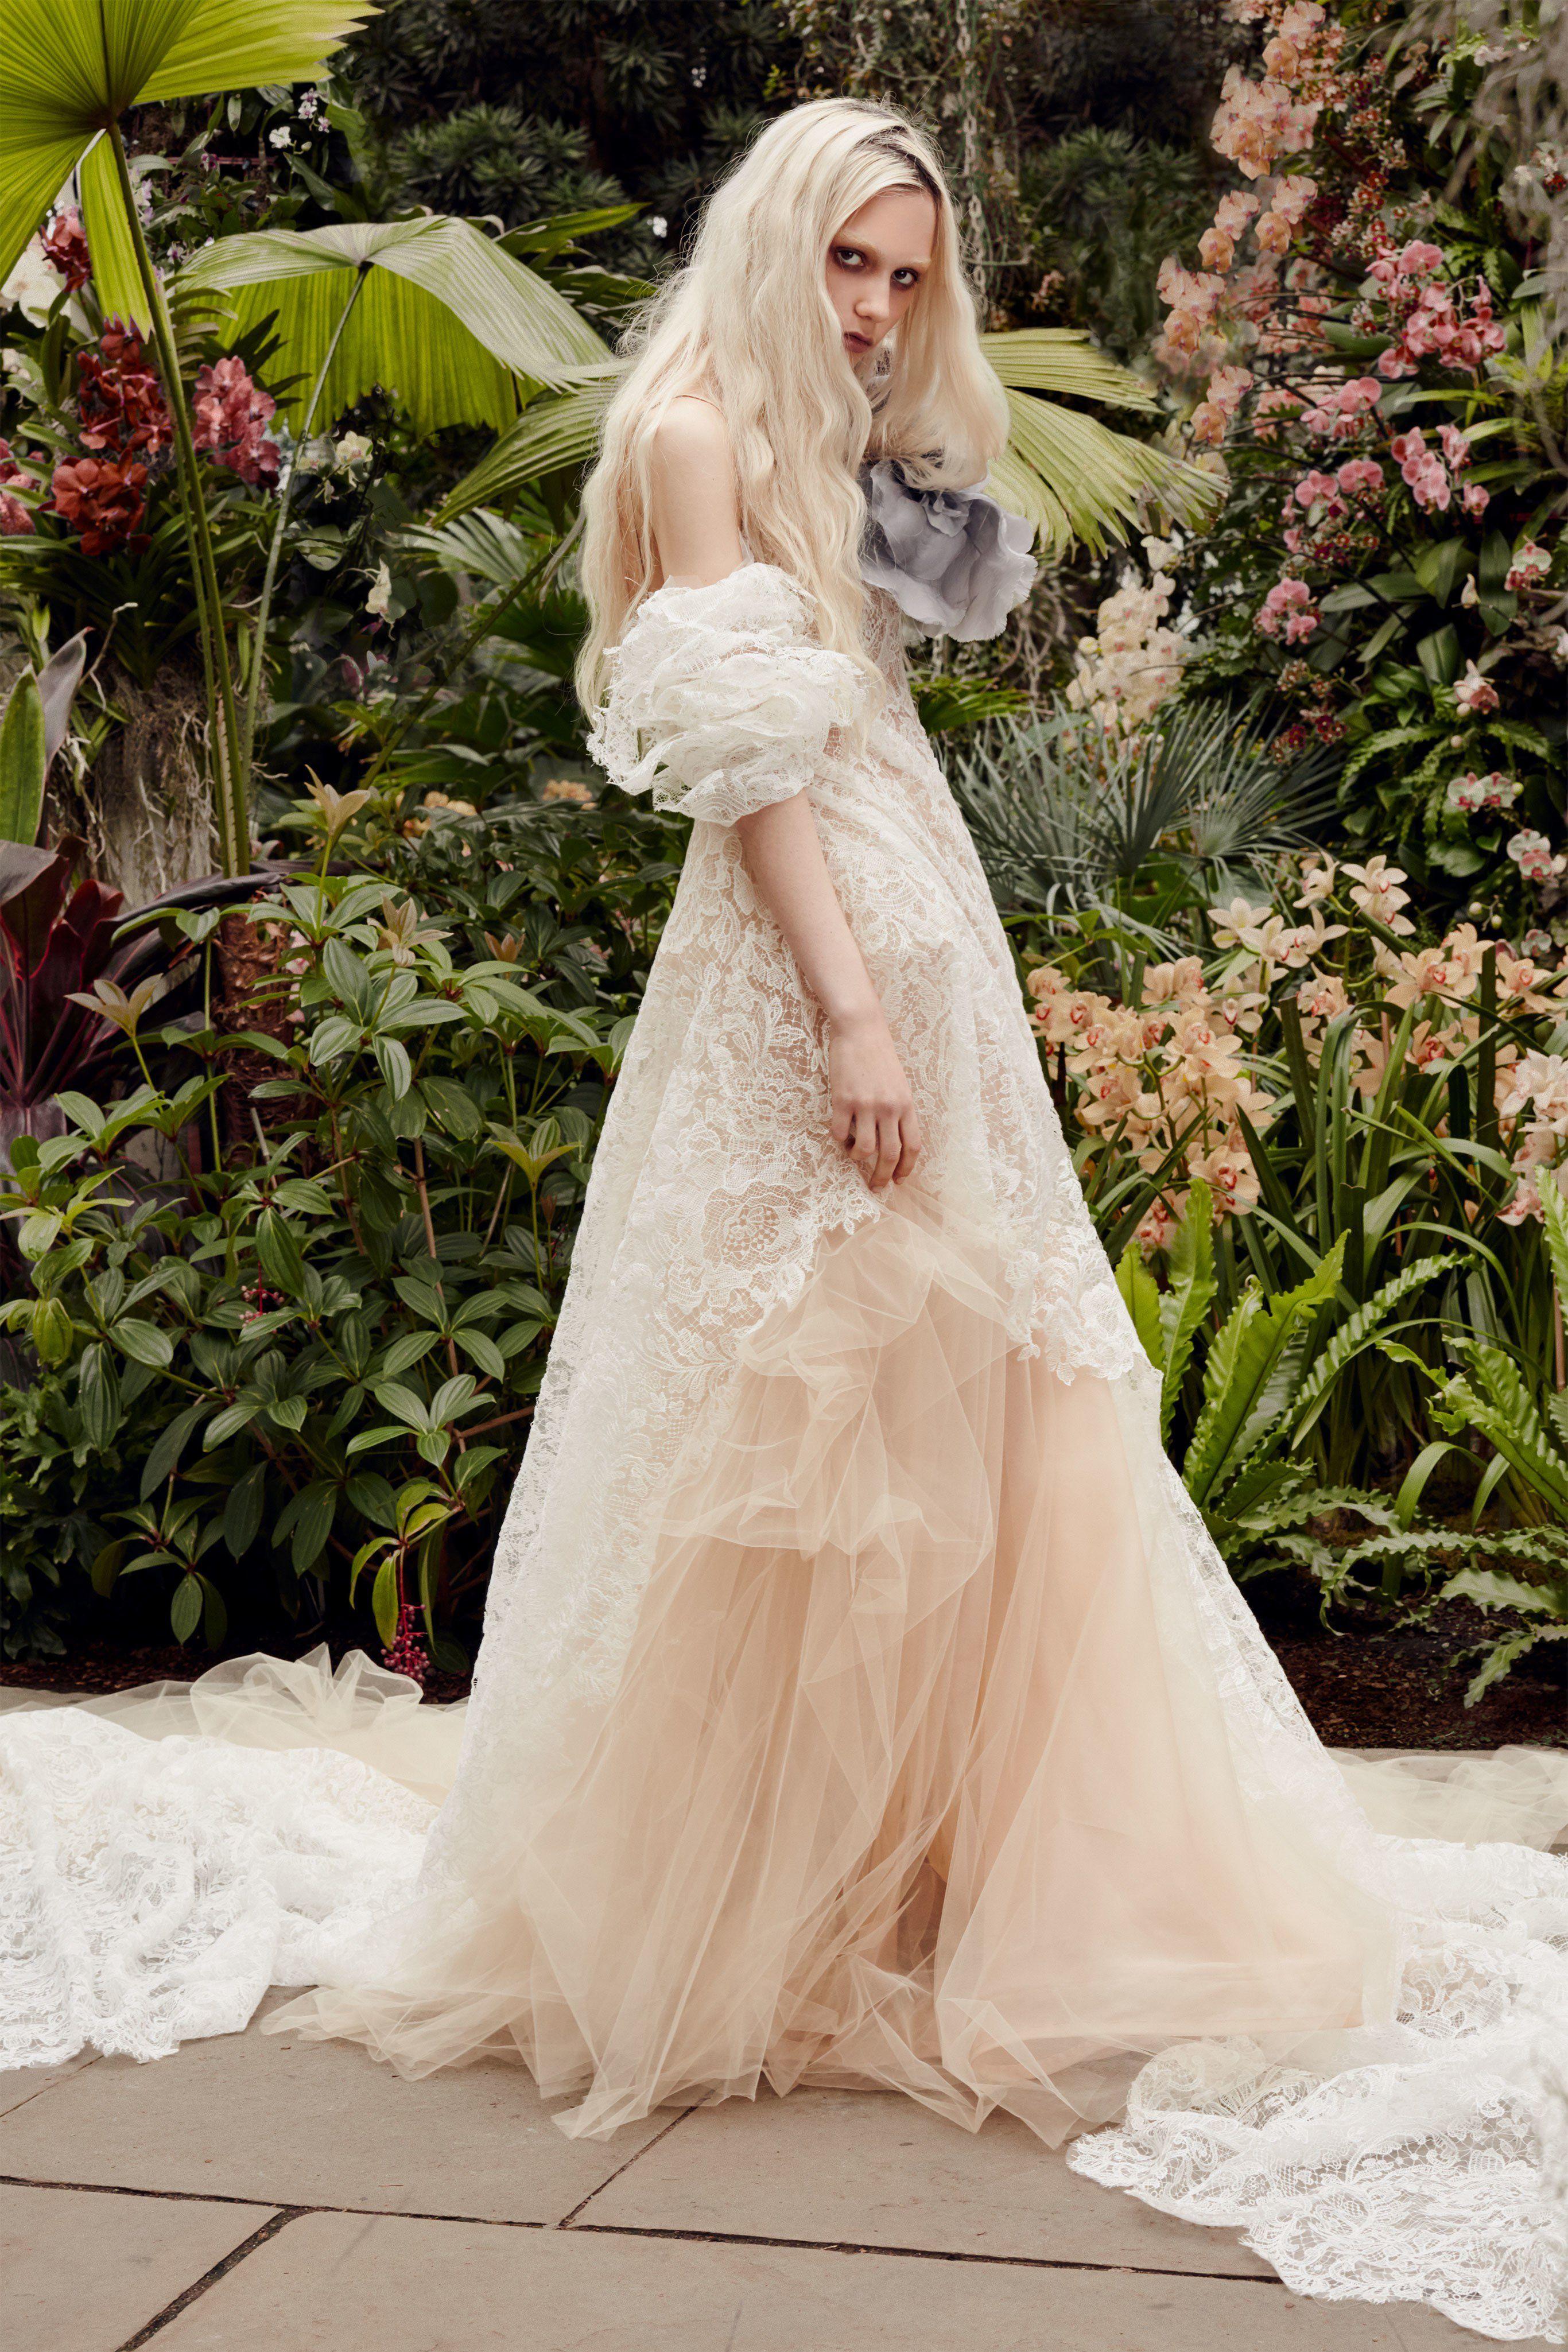 Vera Wang Bridal Spring 2020 Fashion Show Collection See The Complete Vera Wang Bridal Spring Wedding Dress Trends Vera Wang Bridal Wedding Dresses Vera Wang